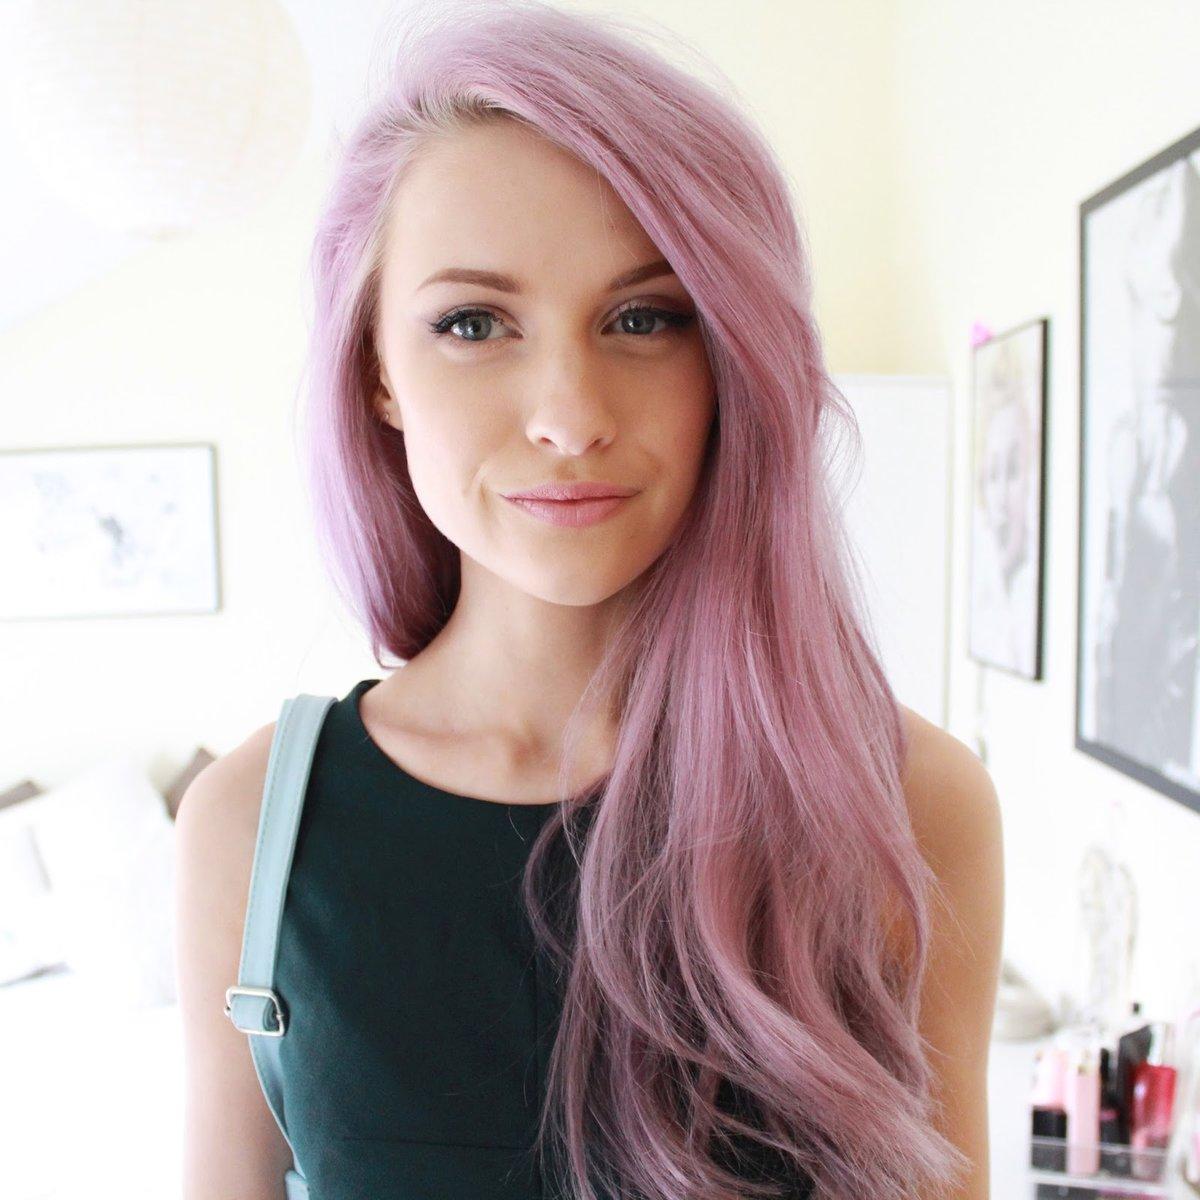 того чтобы фото красивые крашеные волосы проблема